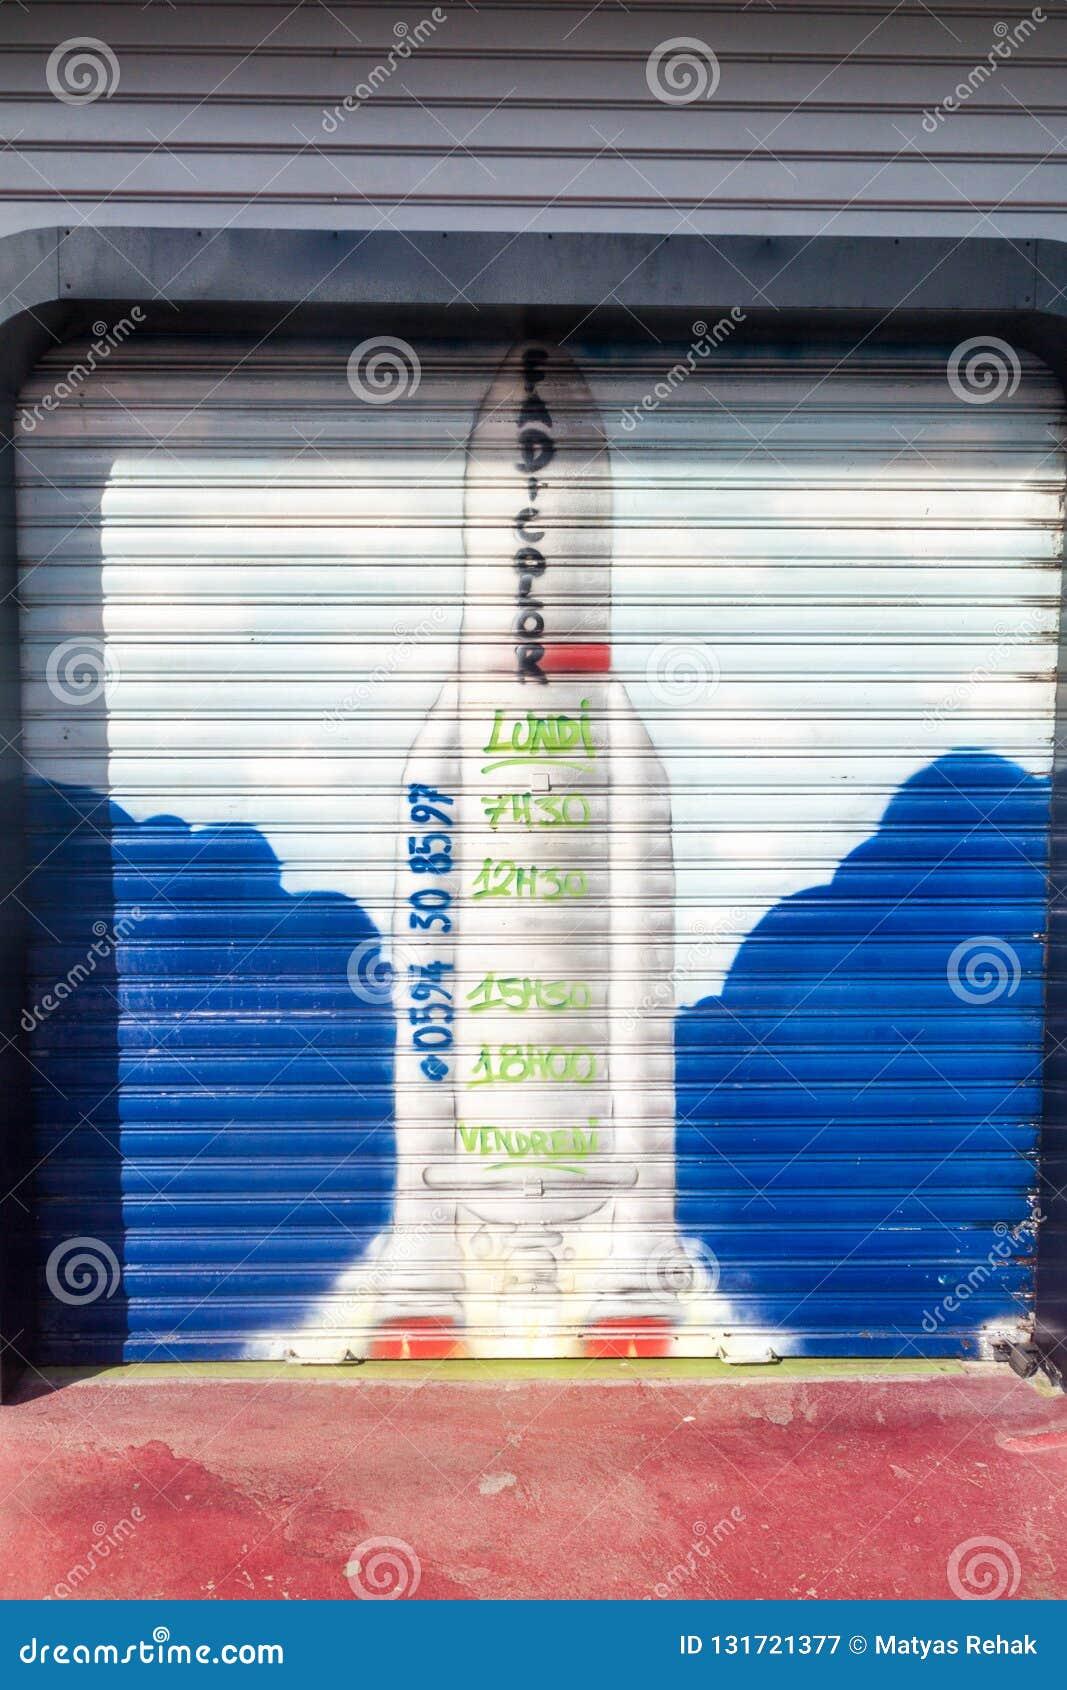 CAYENNEPFEFFER, FRANZÖSISCH-GUAYANA - 1. AUGUST 2015: Rocket Ariane 5 malte auf einem Eingang zur Garage in der Mitte von Cayenne